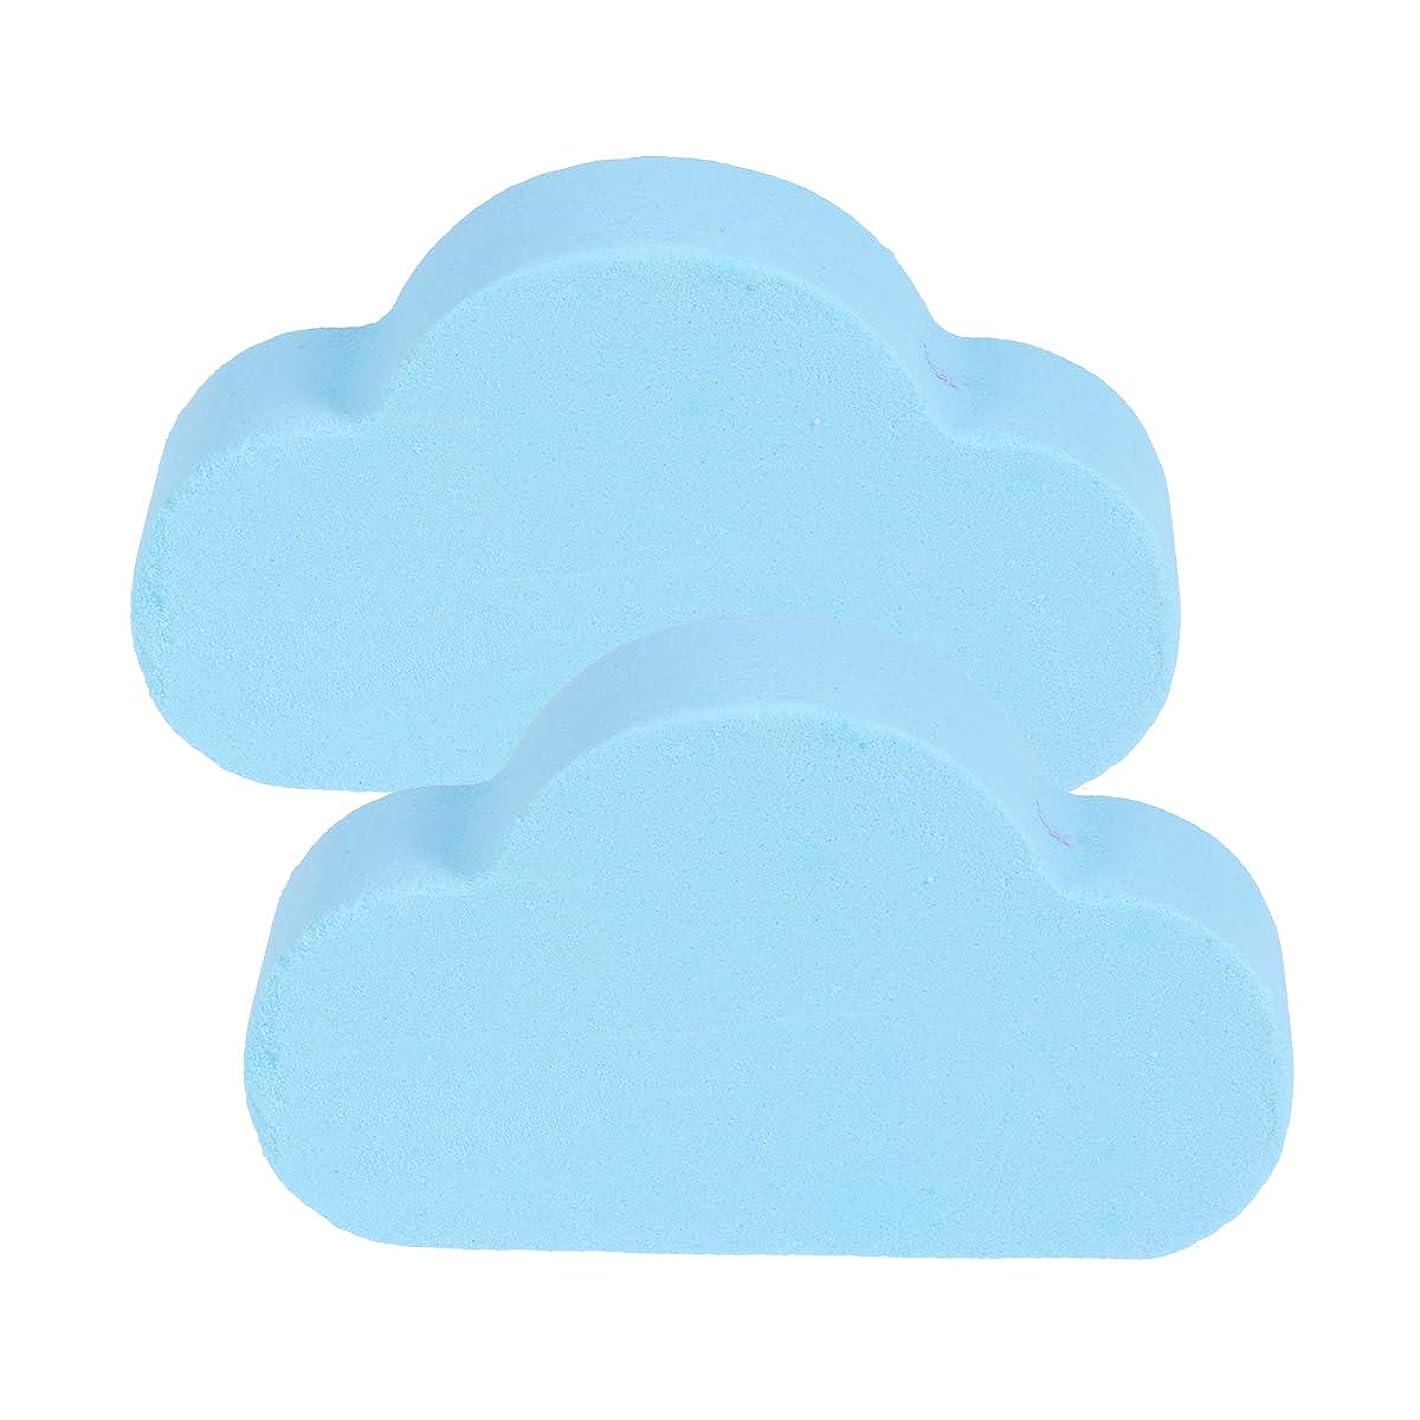 月曜日インディカオアシスSUPVOX 2ピース風呂爆弾エッセンシャルオイルクラウド形状塩バブル家庭用スキンケア風呂用品用バブルスパ風呂ギフト